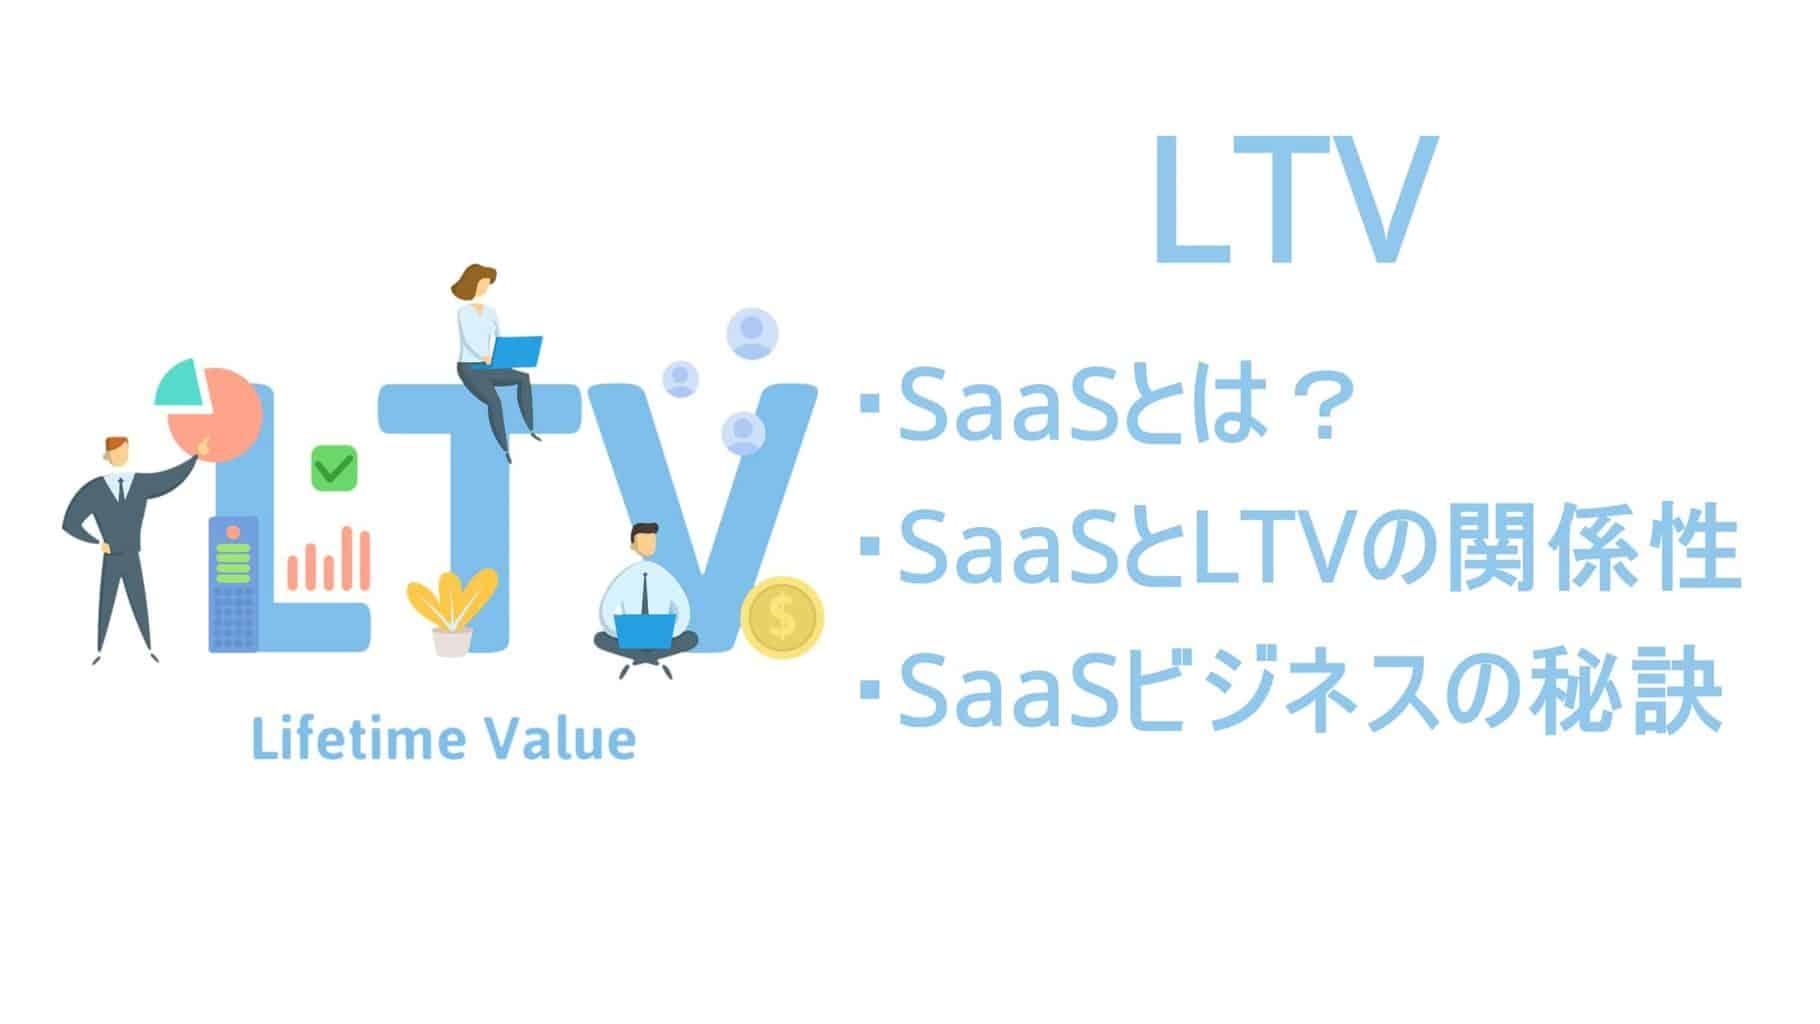 LTVとSaaSの関係性とは?特徴やSaaSビジネスで成功する方法なども紹介!